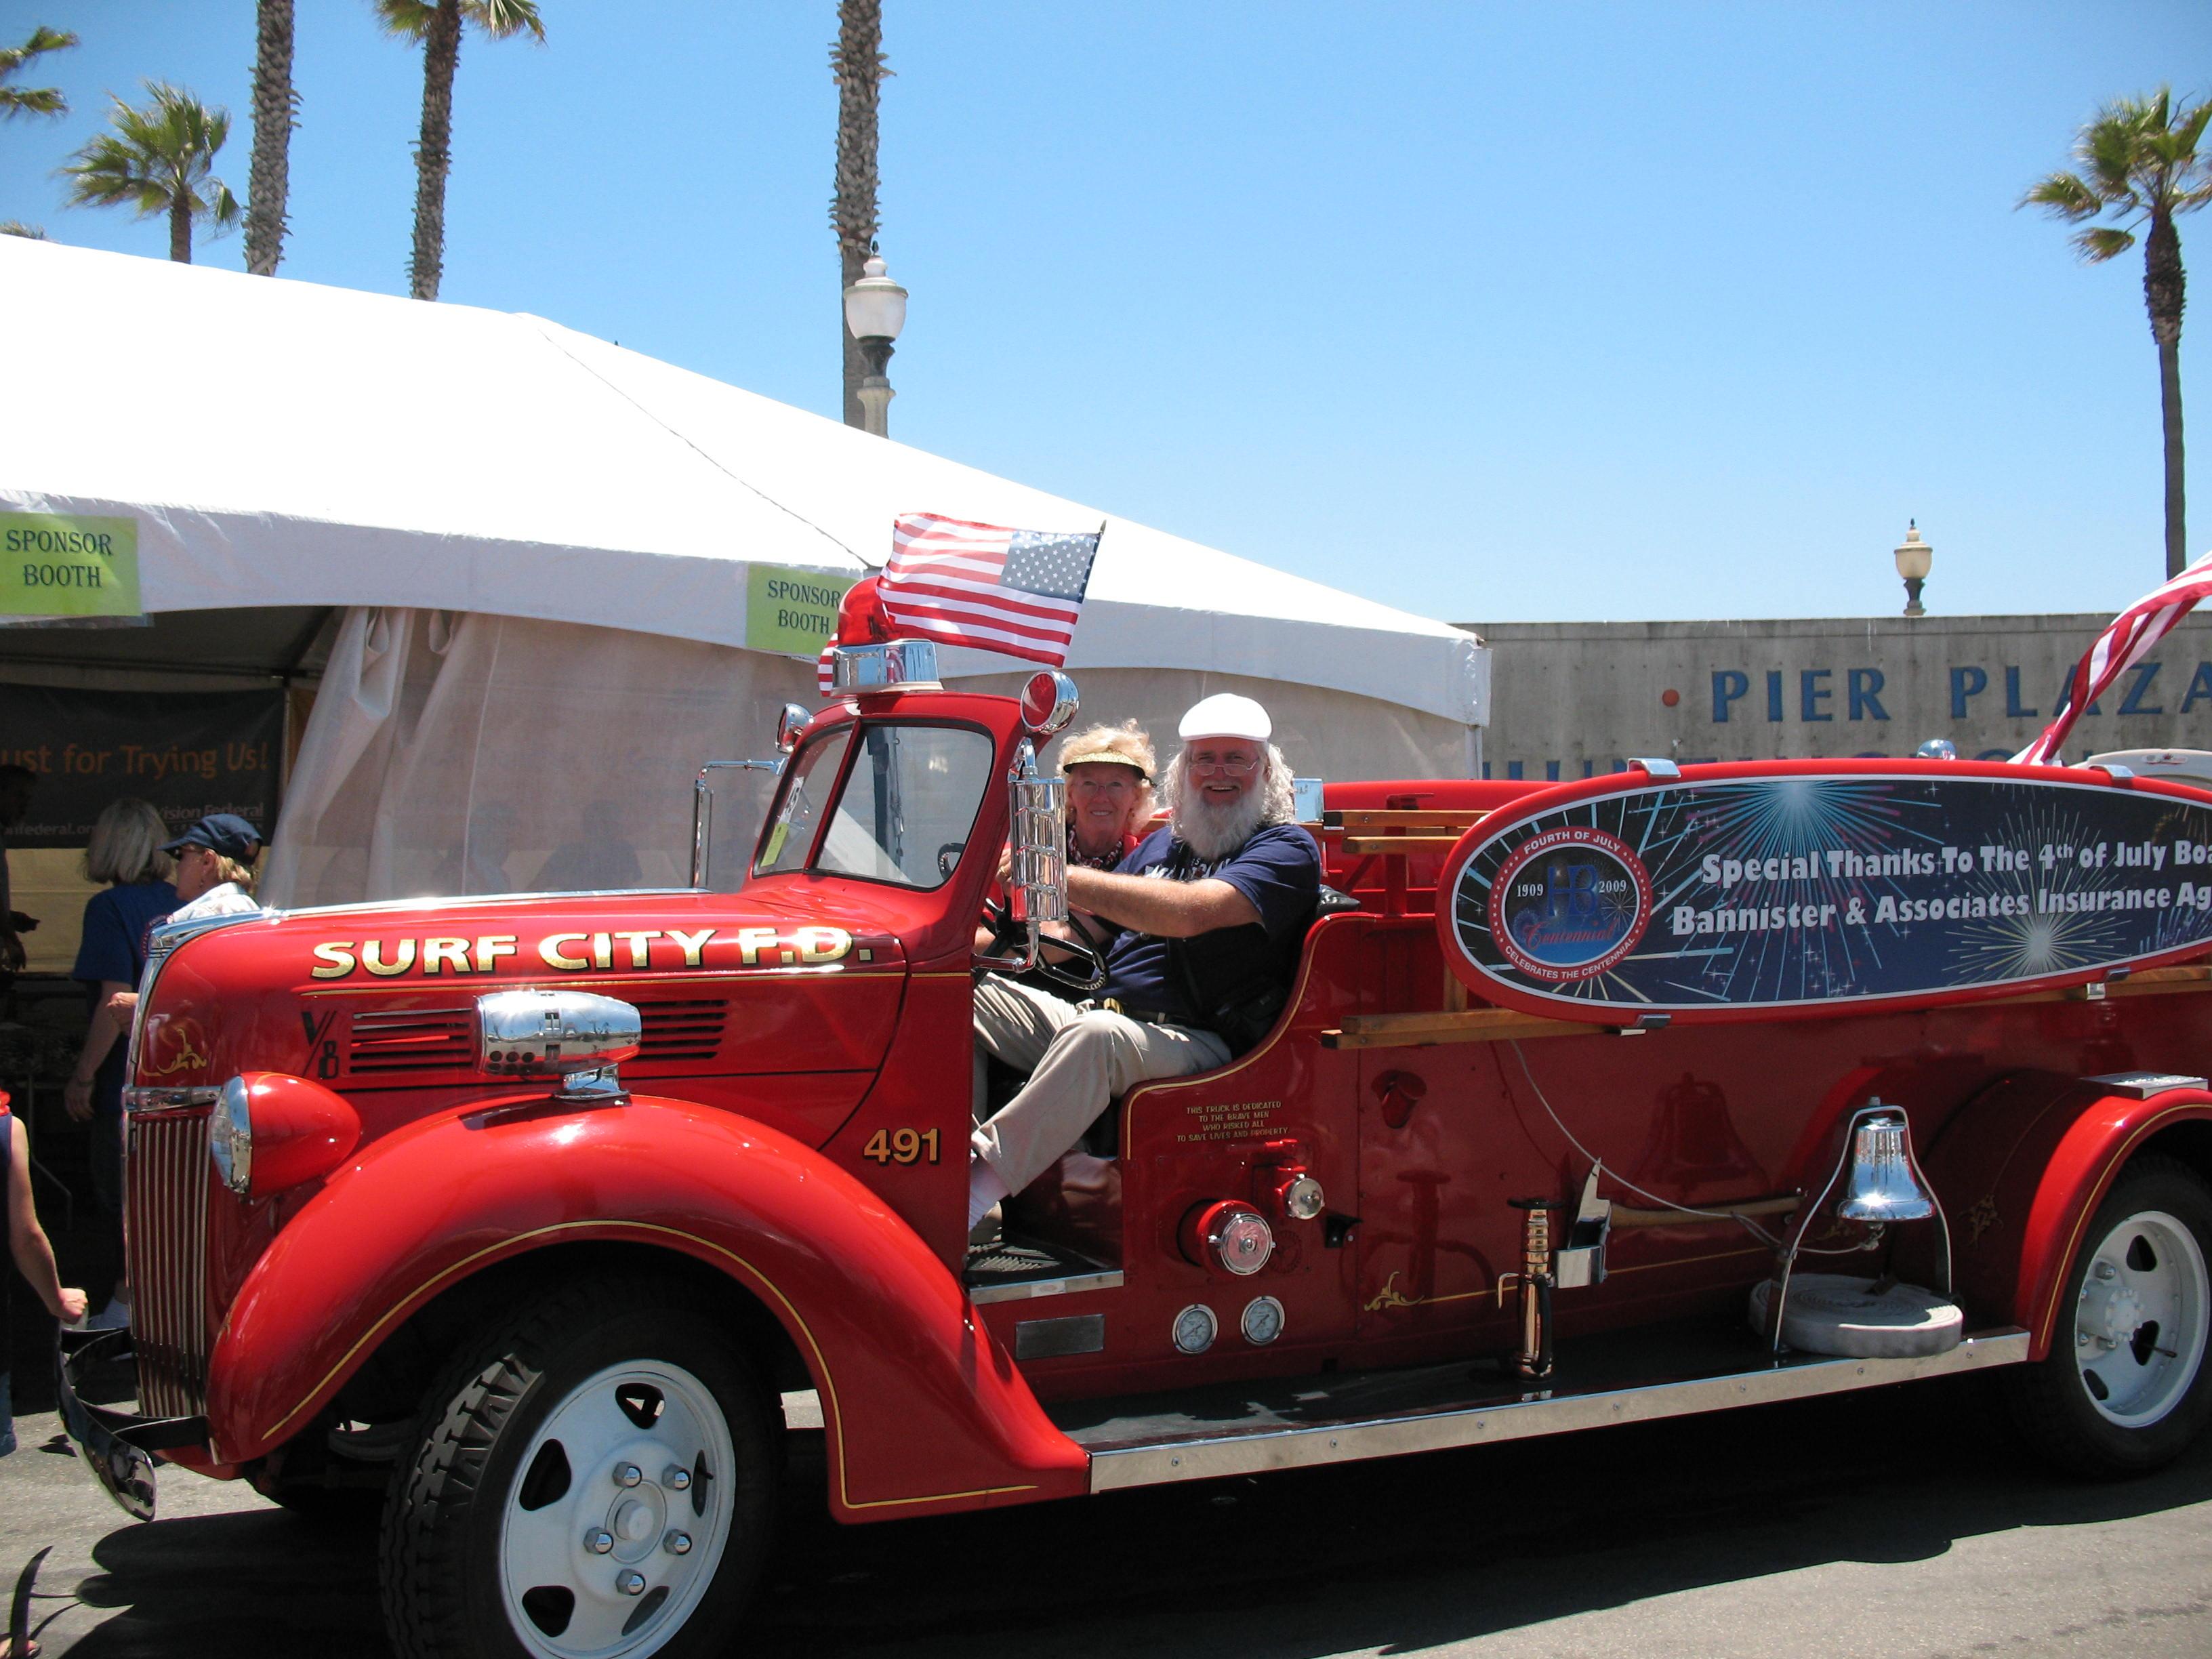 Santa+Fire+Truck#2